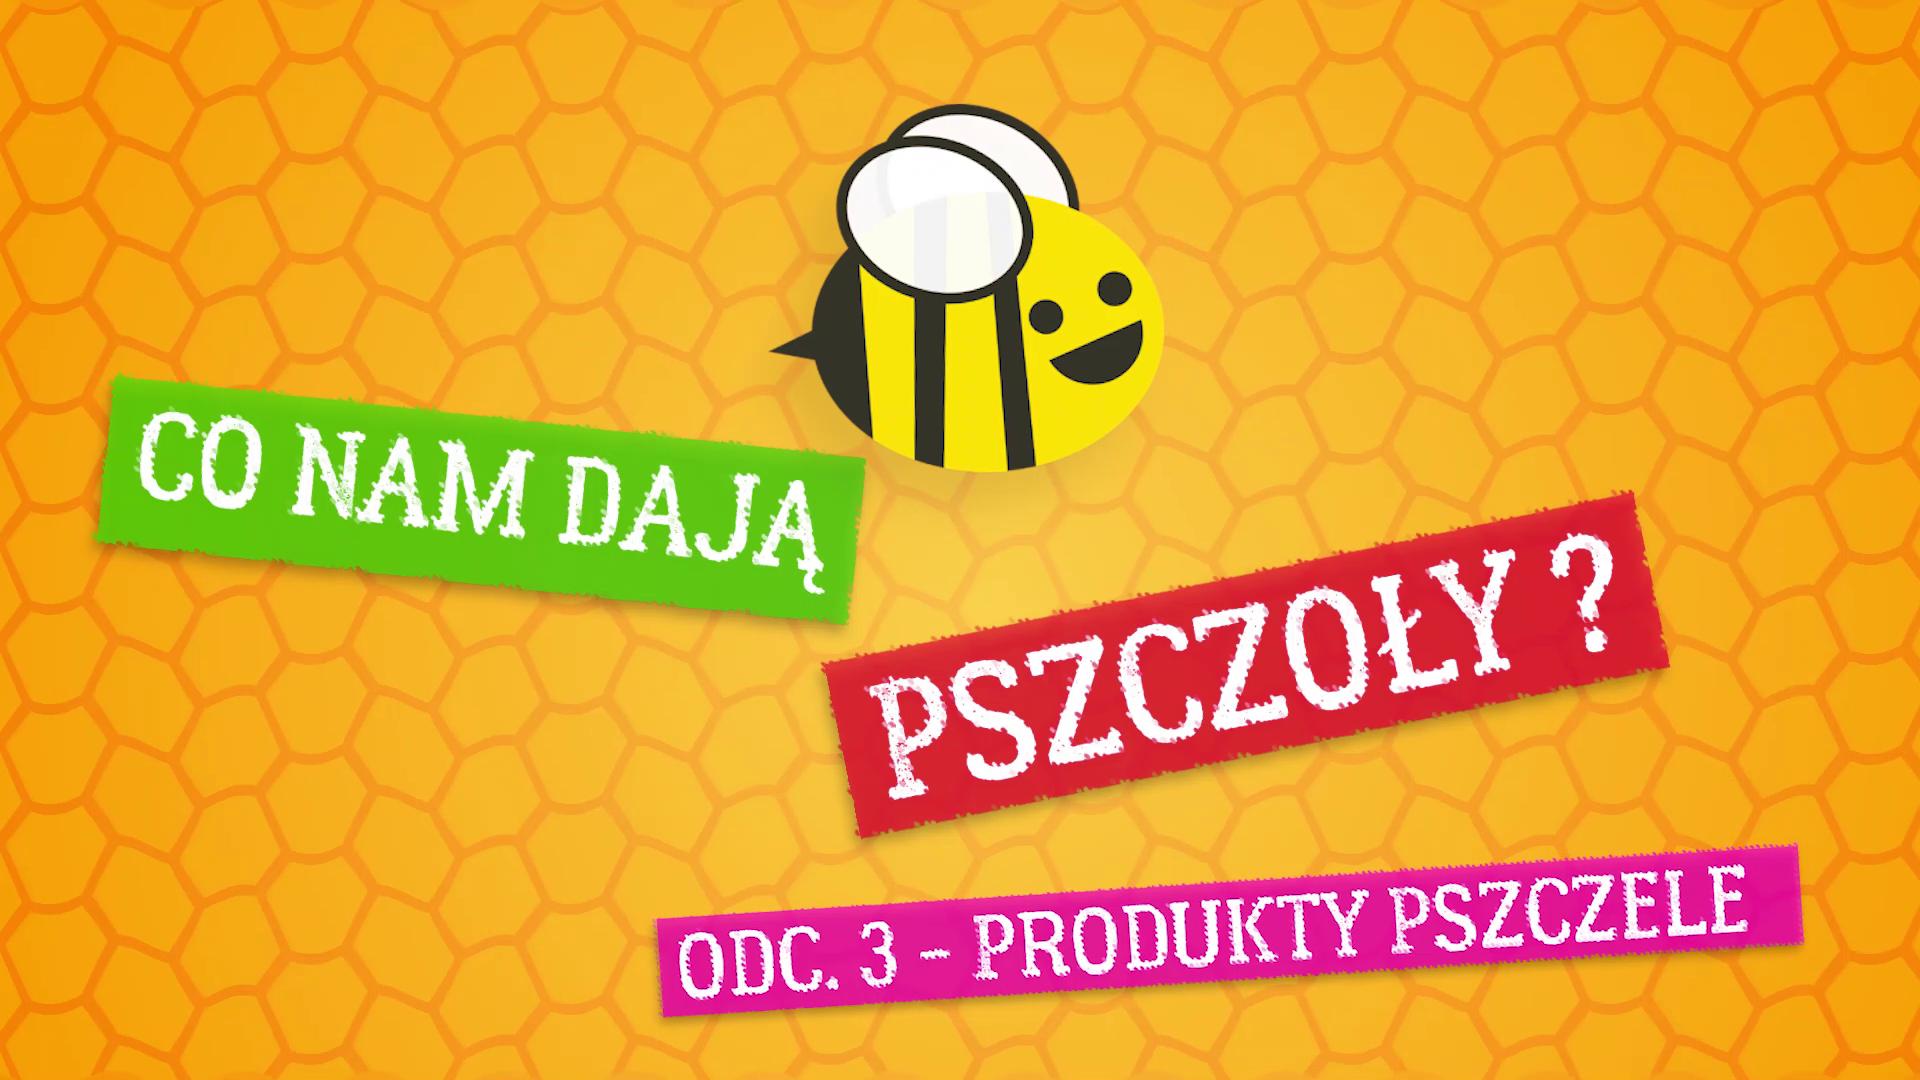 Co nam dają pszczoły ? Odcinek 3 – produkty pszczele